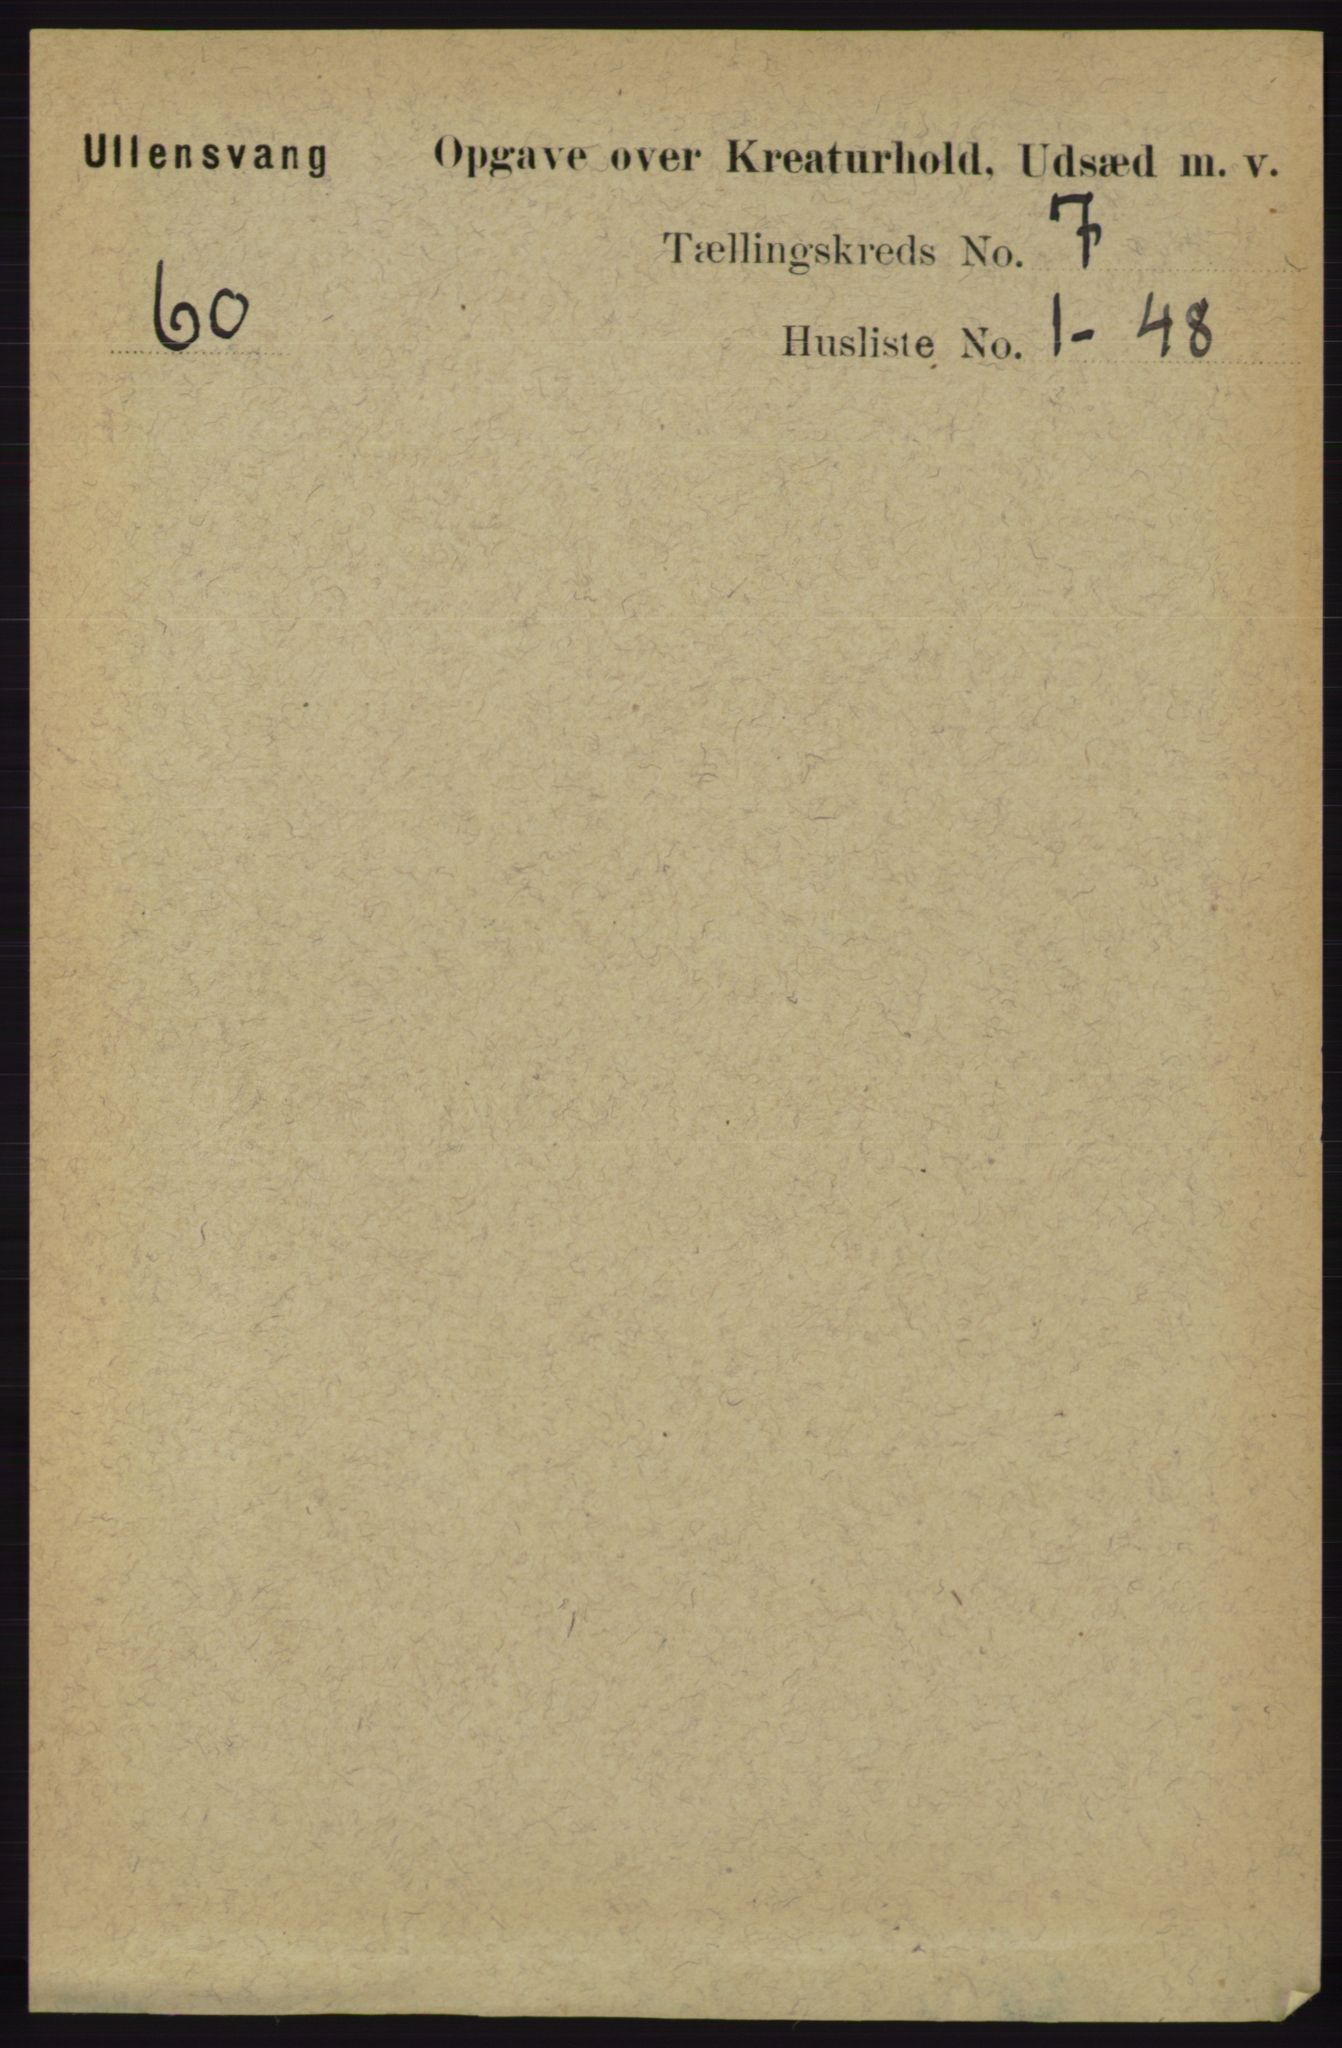 RA, Folketelling 1891 for 1230 Ullensvang herred, 1891, s. 7332